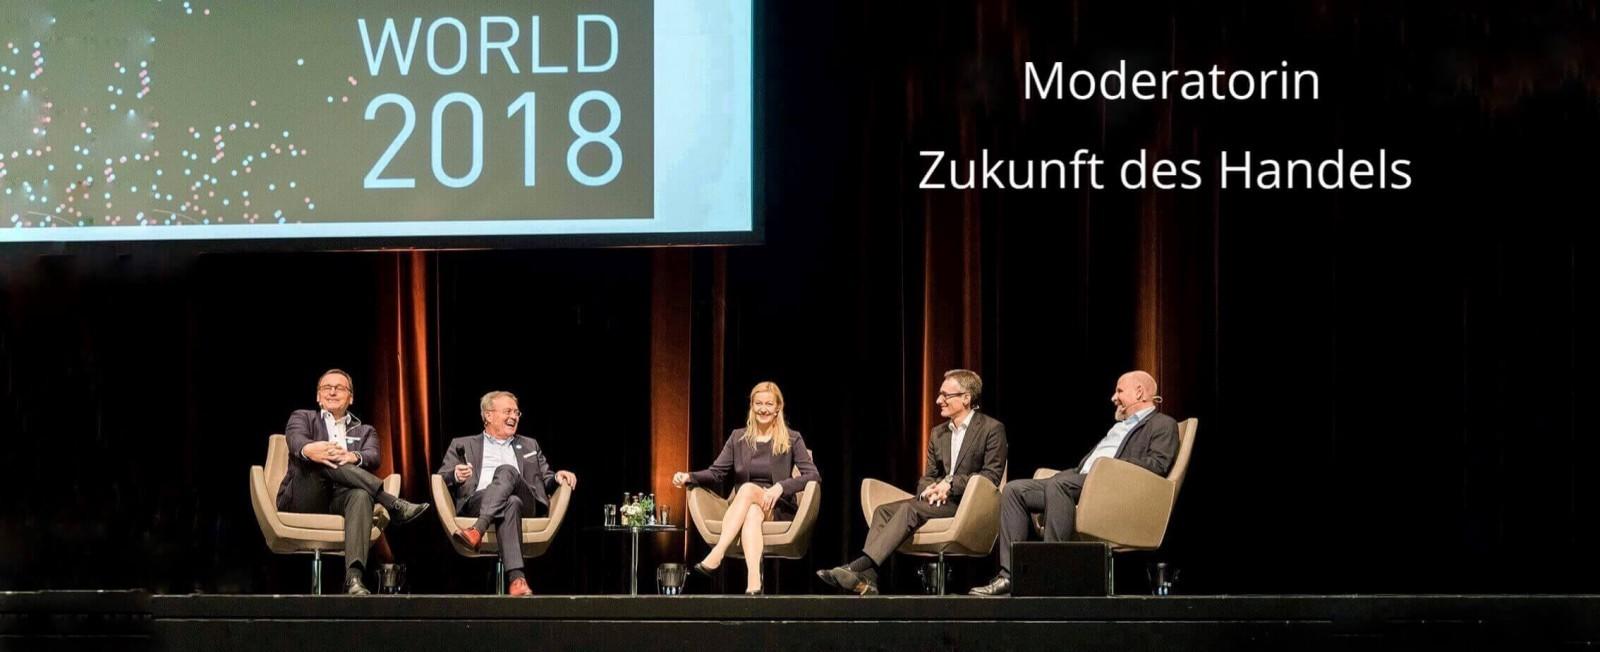 Moderatorin Zukunft des Handels